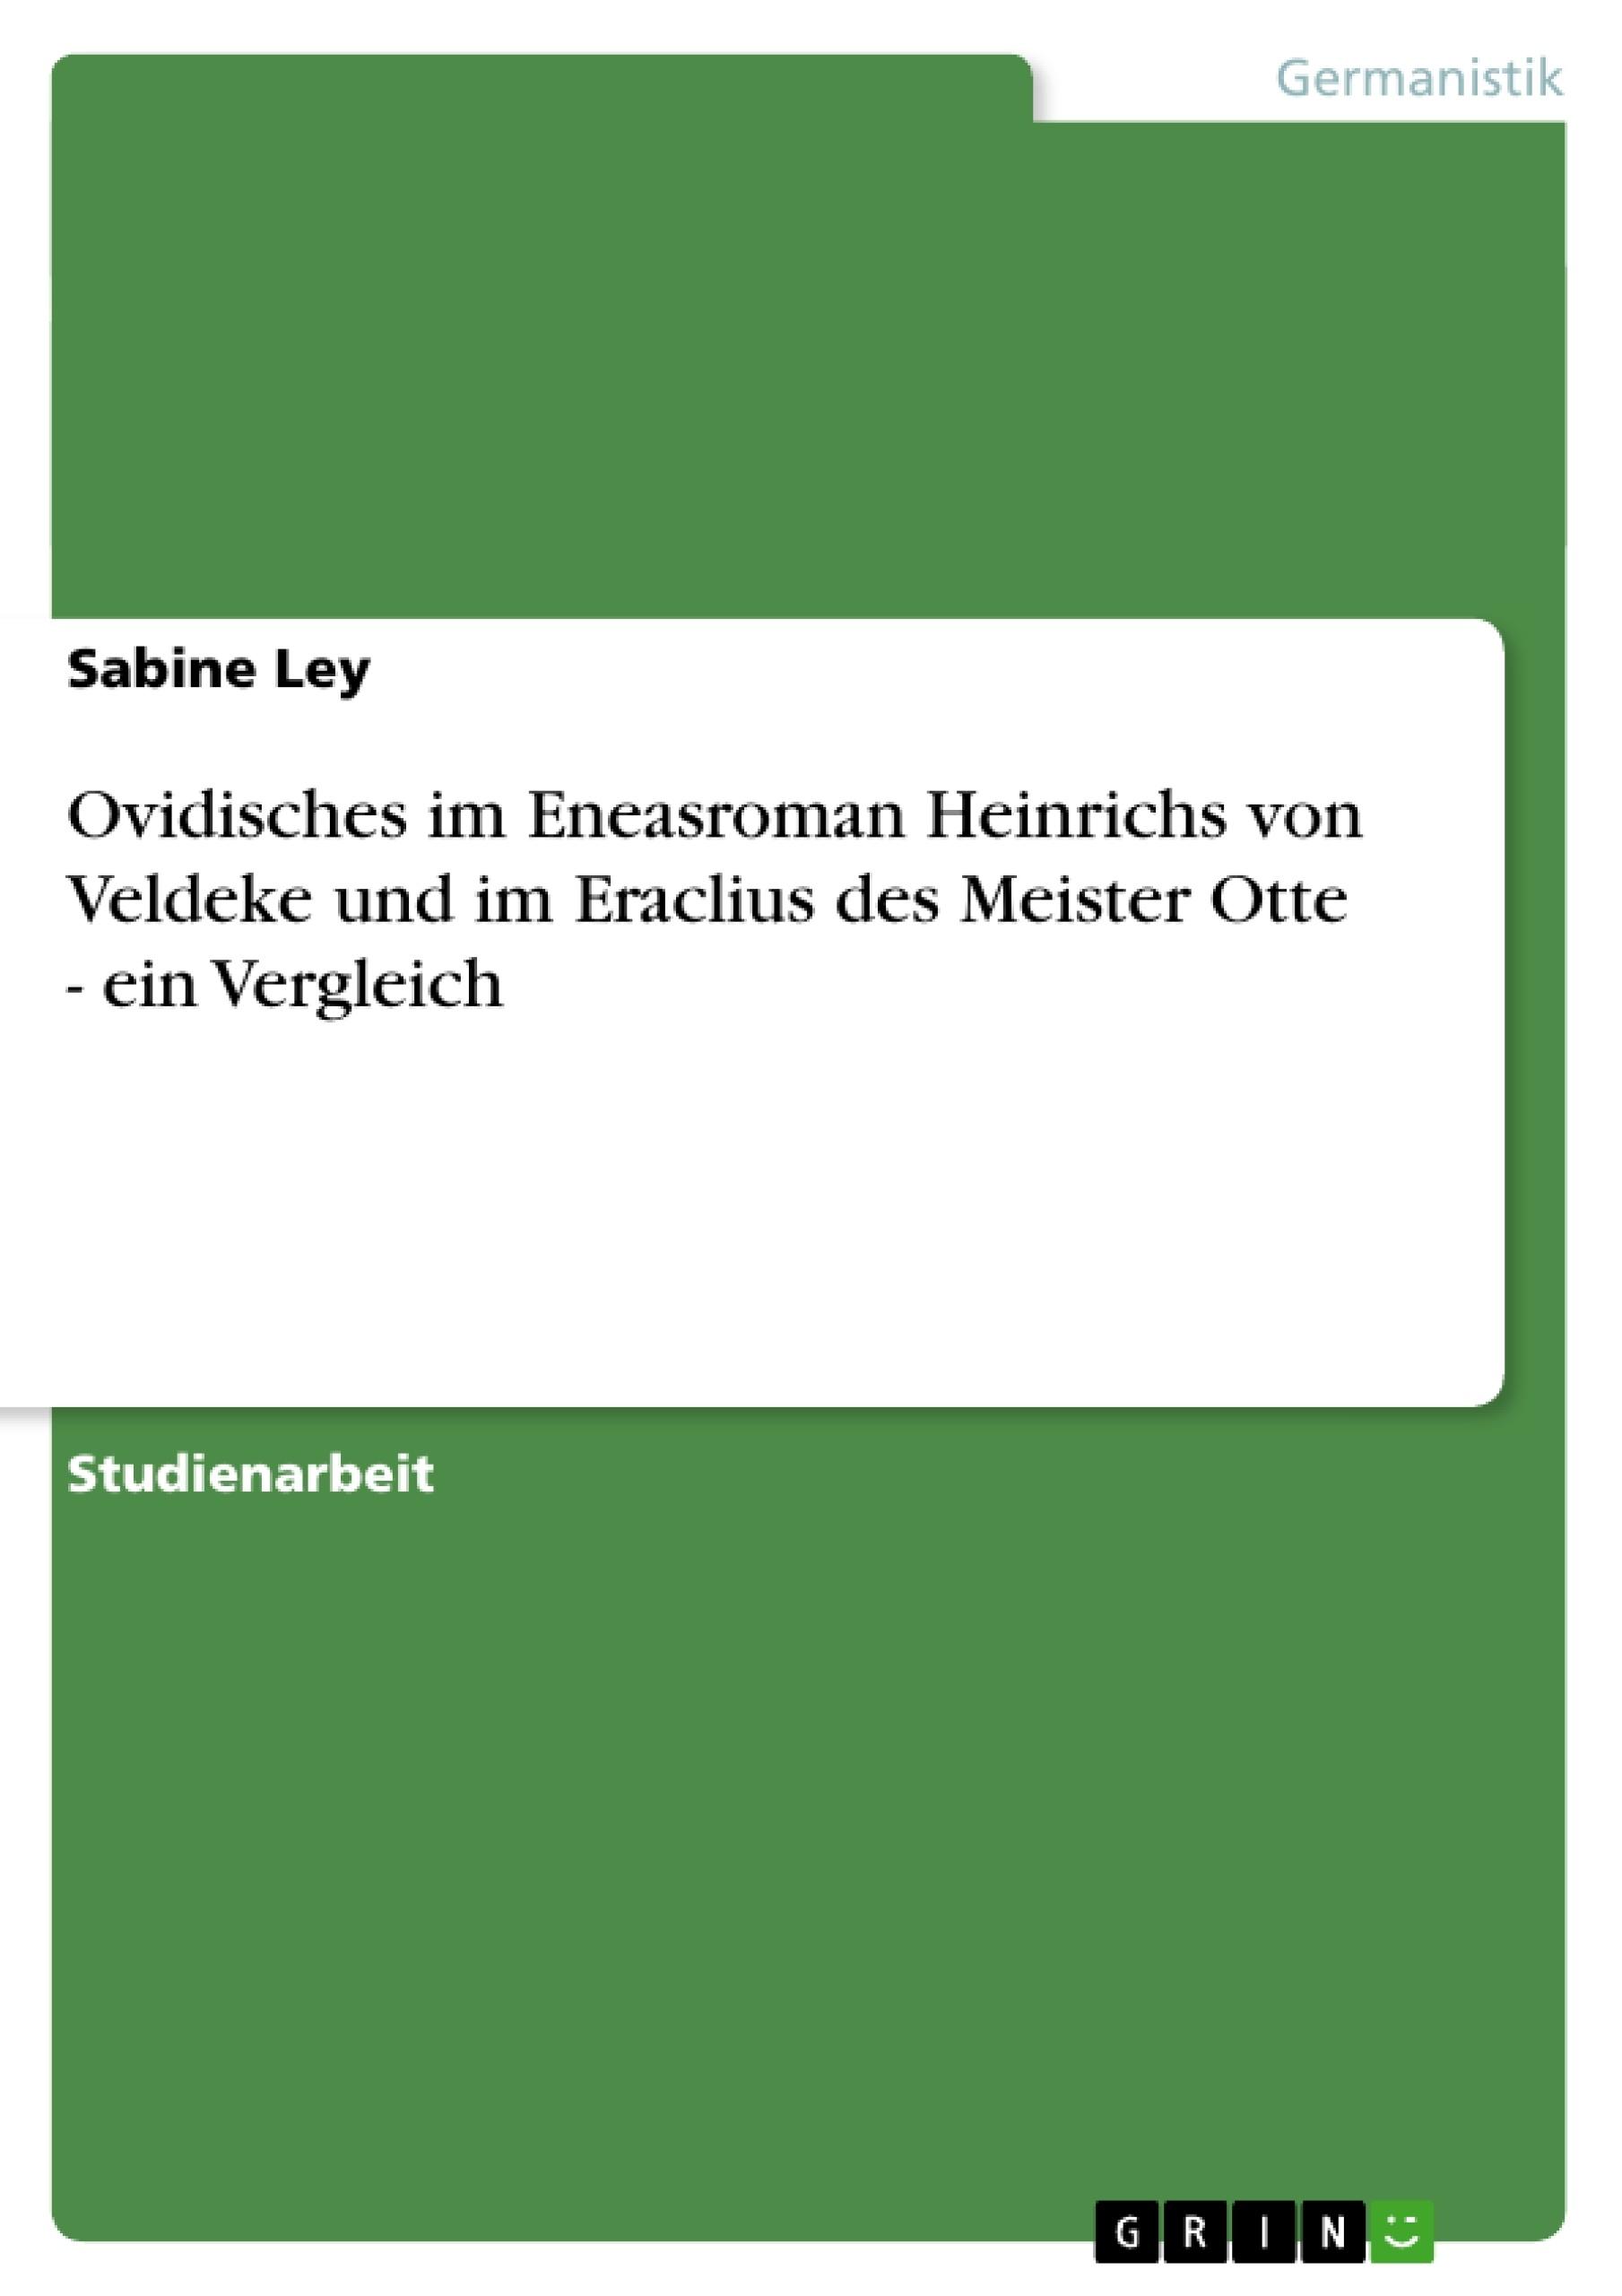 Titel: Ovidisches im Eneasroman Heinrichs von Veldeke und im Eraclius des Meister Otte - ein Vergleich